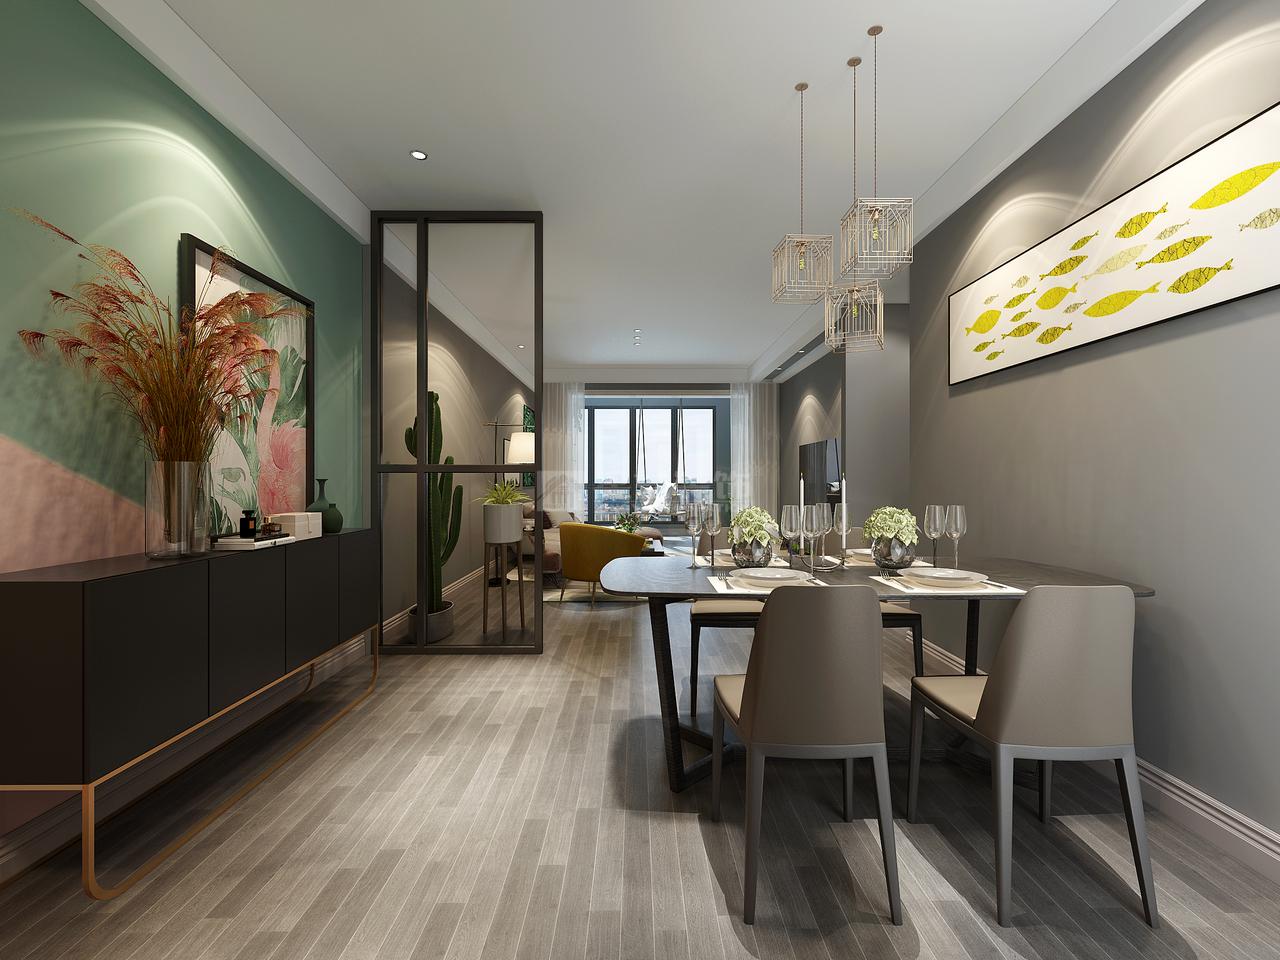 中铁阅山湖,韩式,单身公寓,120.0㎡